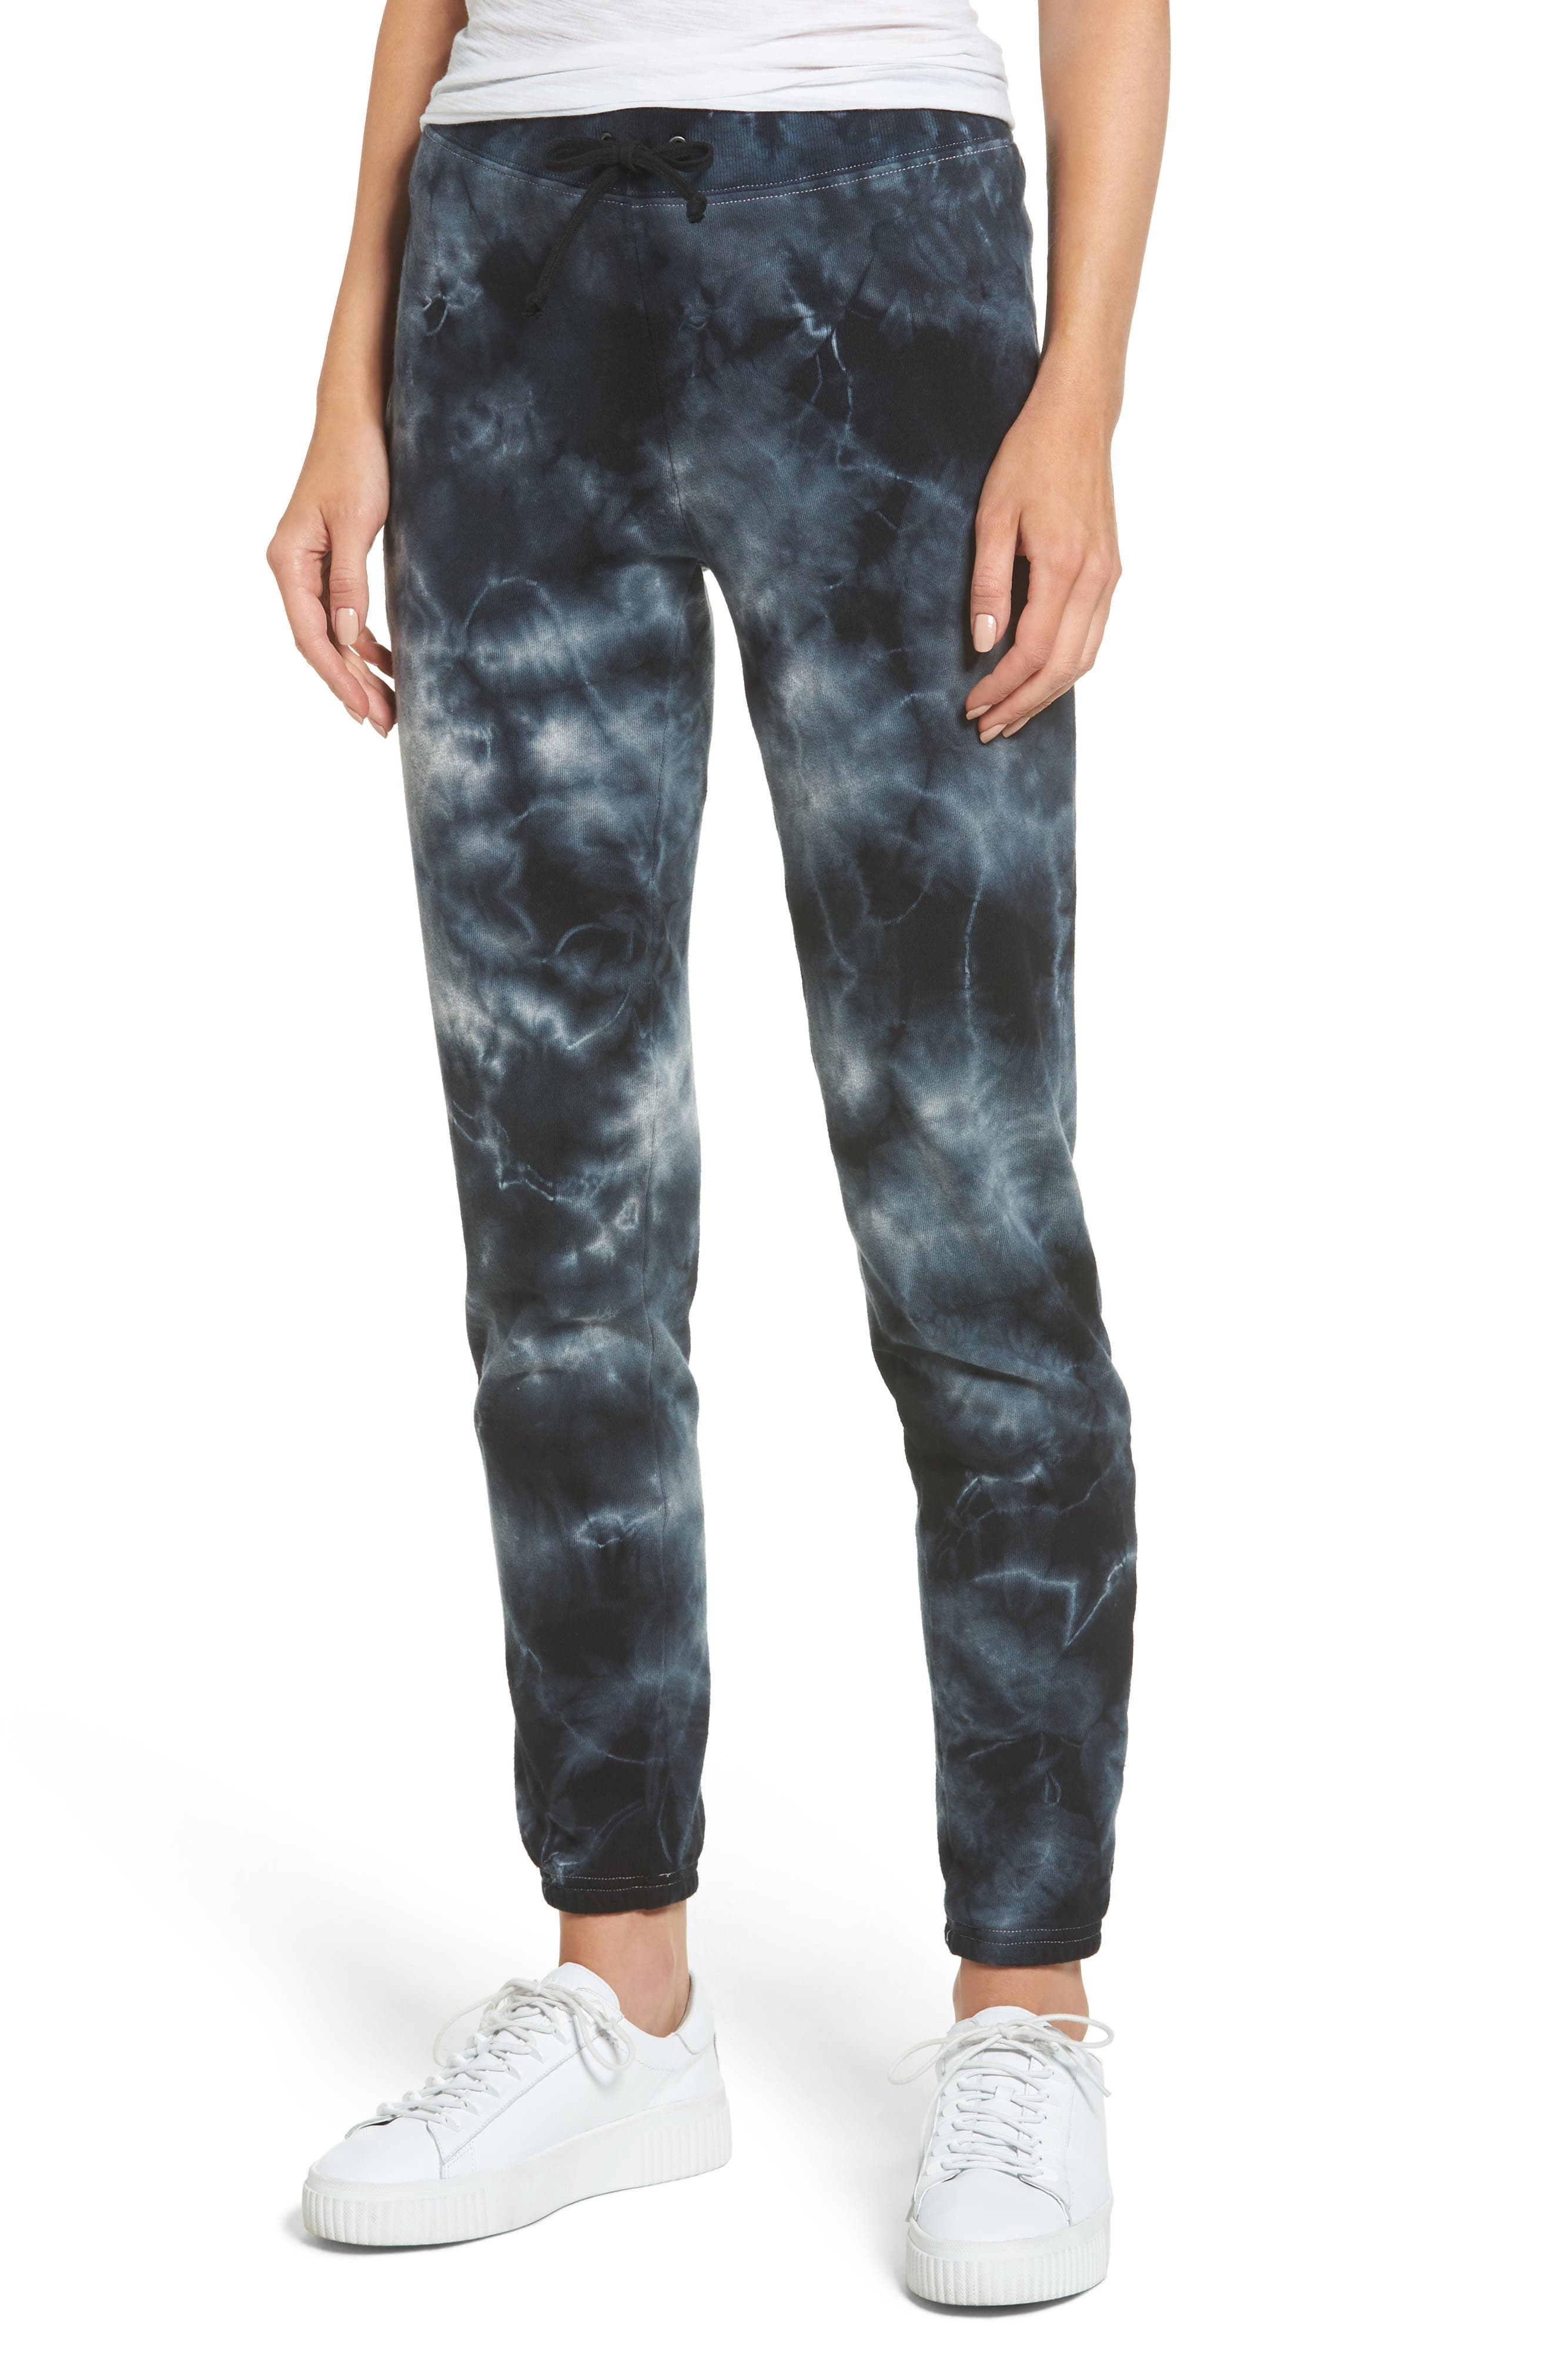 Tie Dye Knit Pants,                             Main thumbnail 1, color,                             Black/ Heather Grey Tie Dye